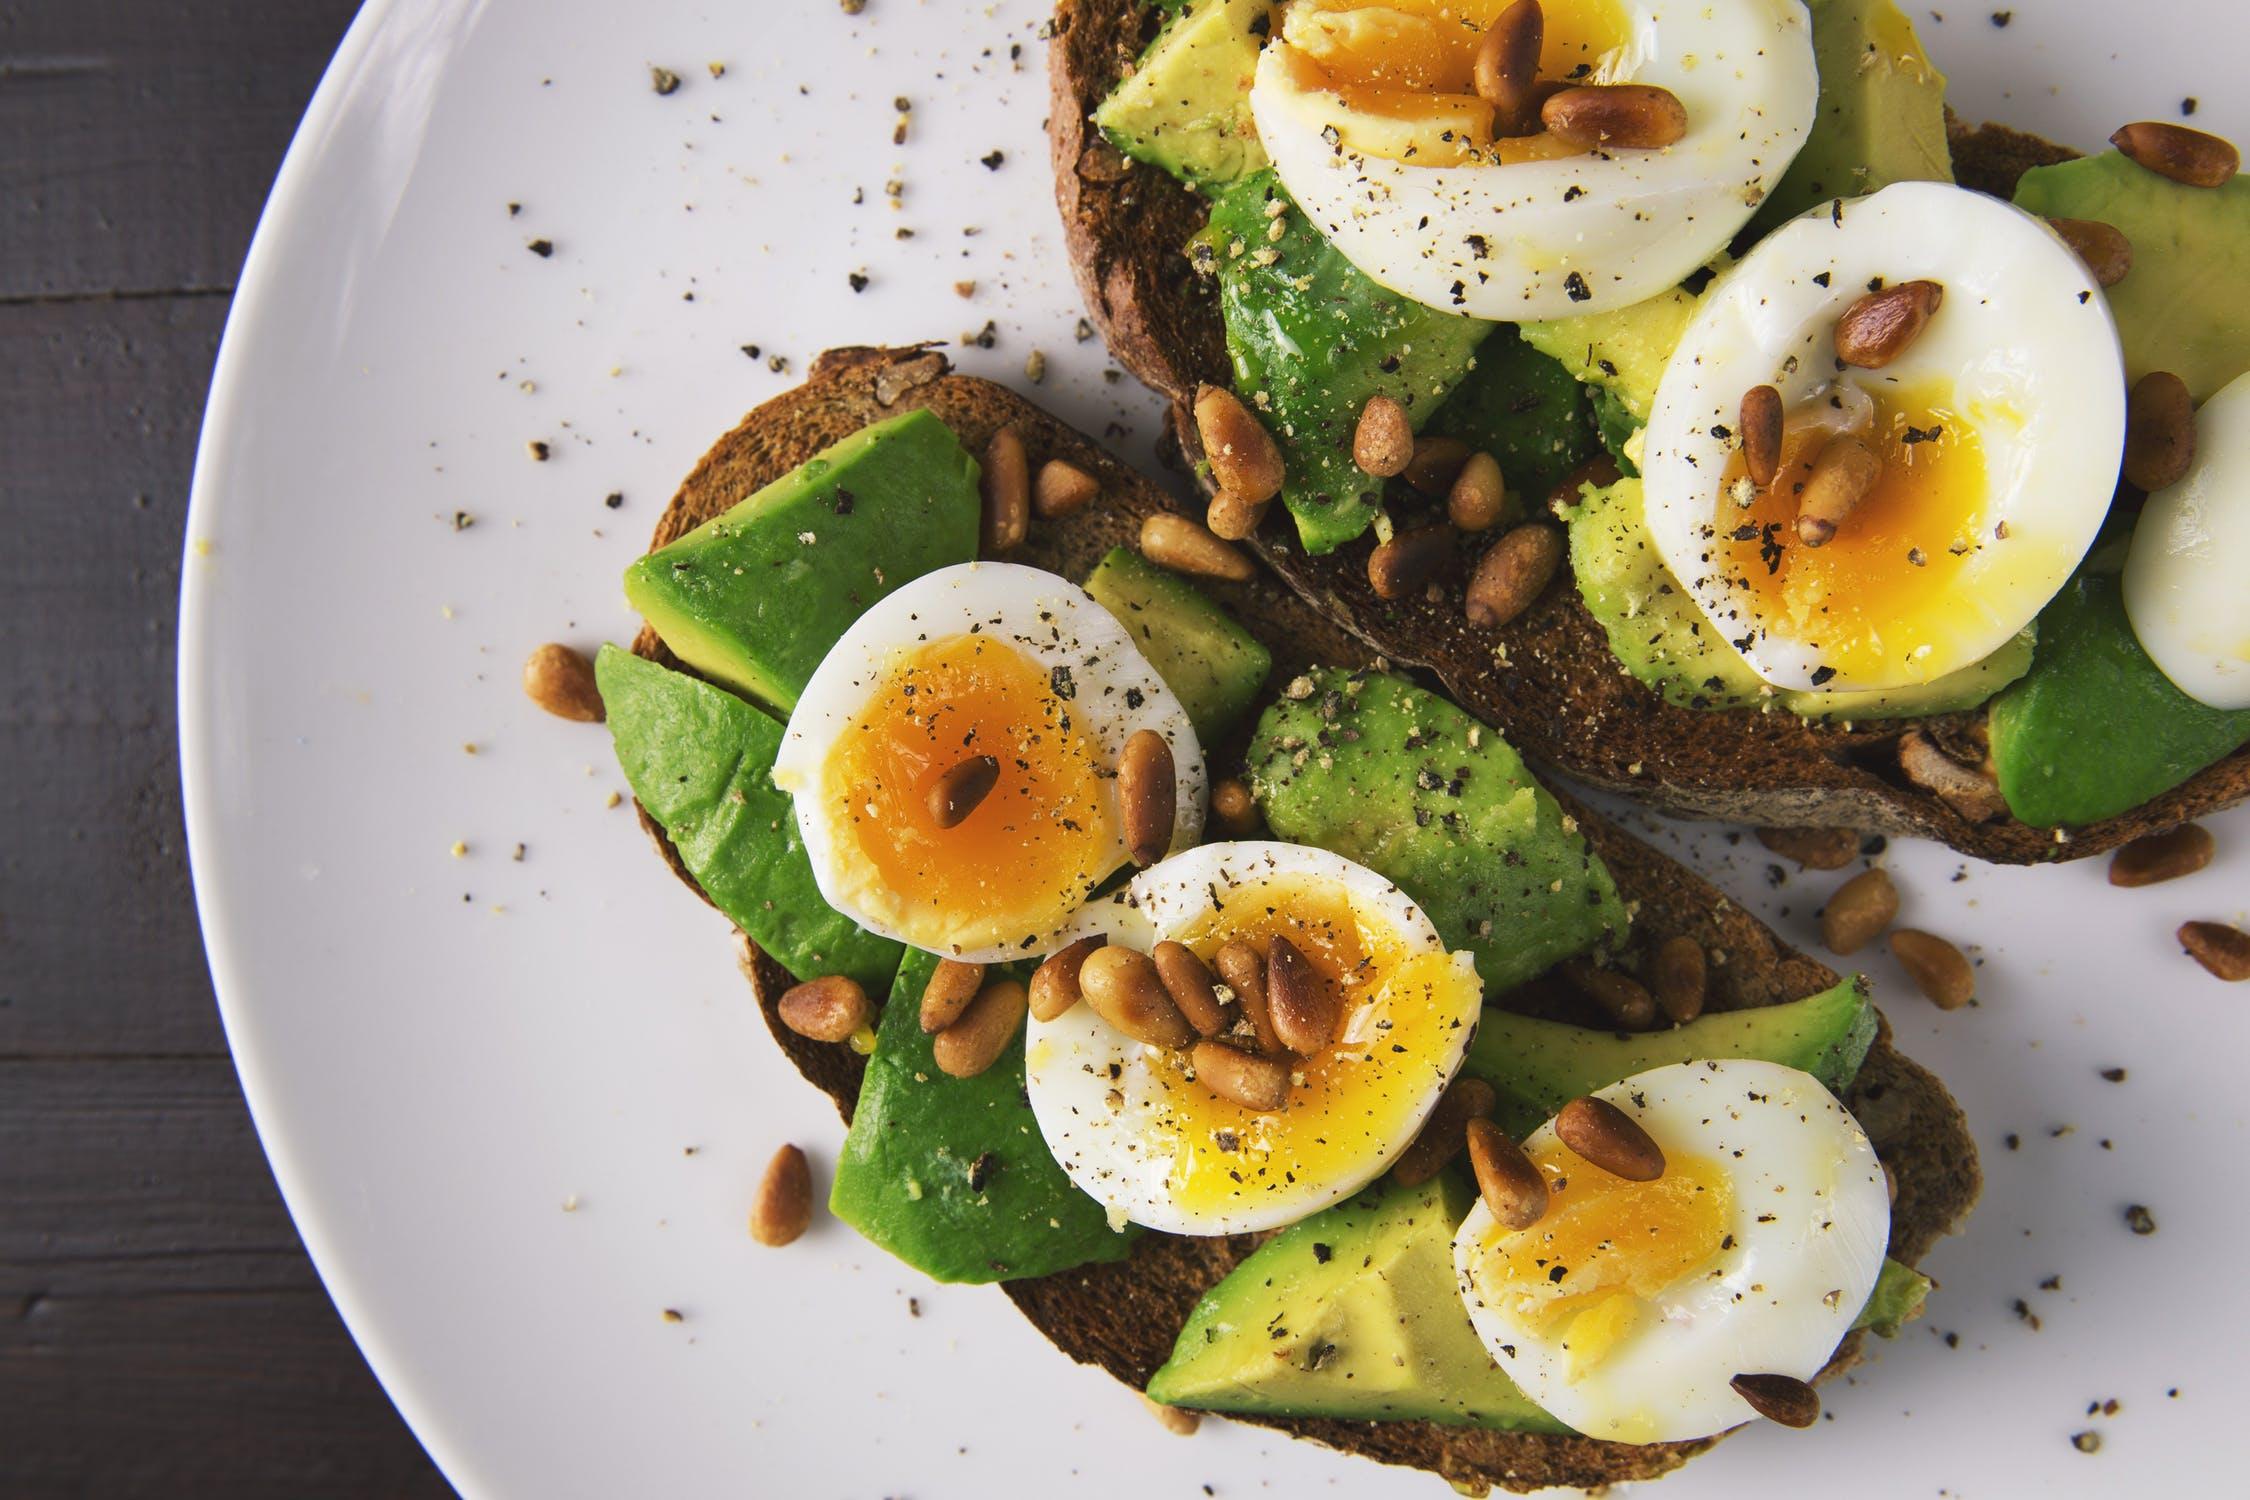 Mediterranean Diet Benefit